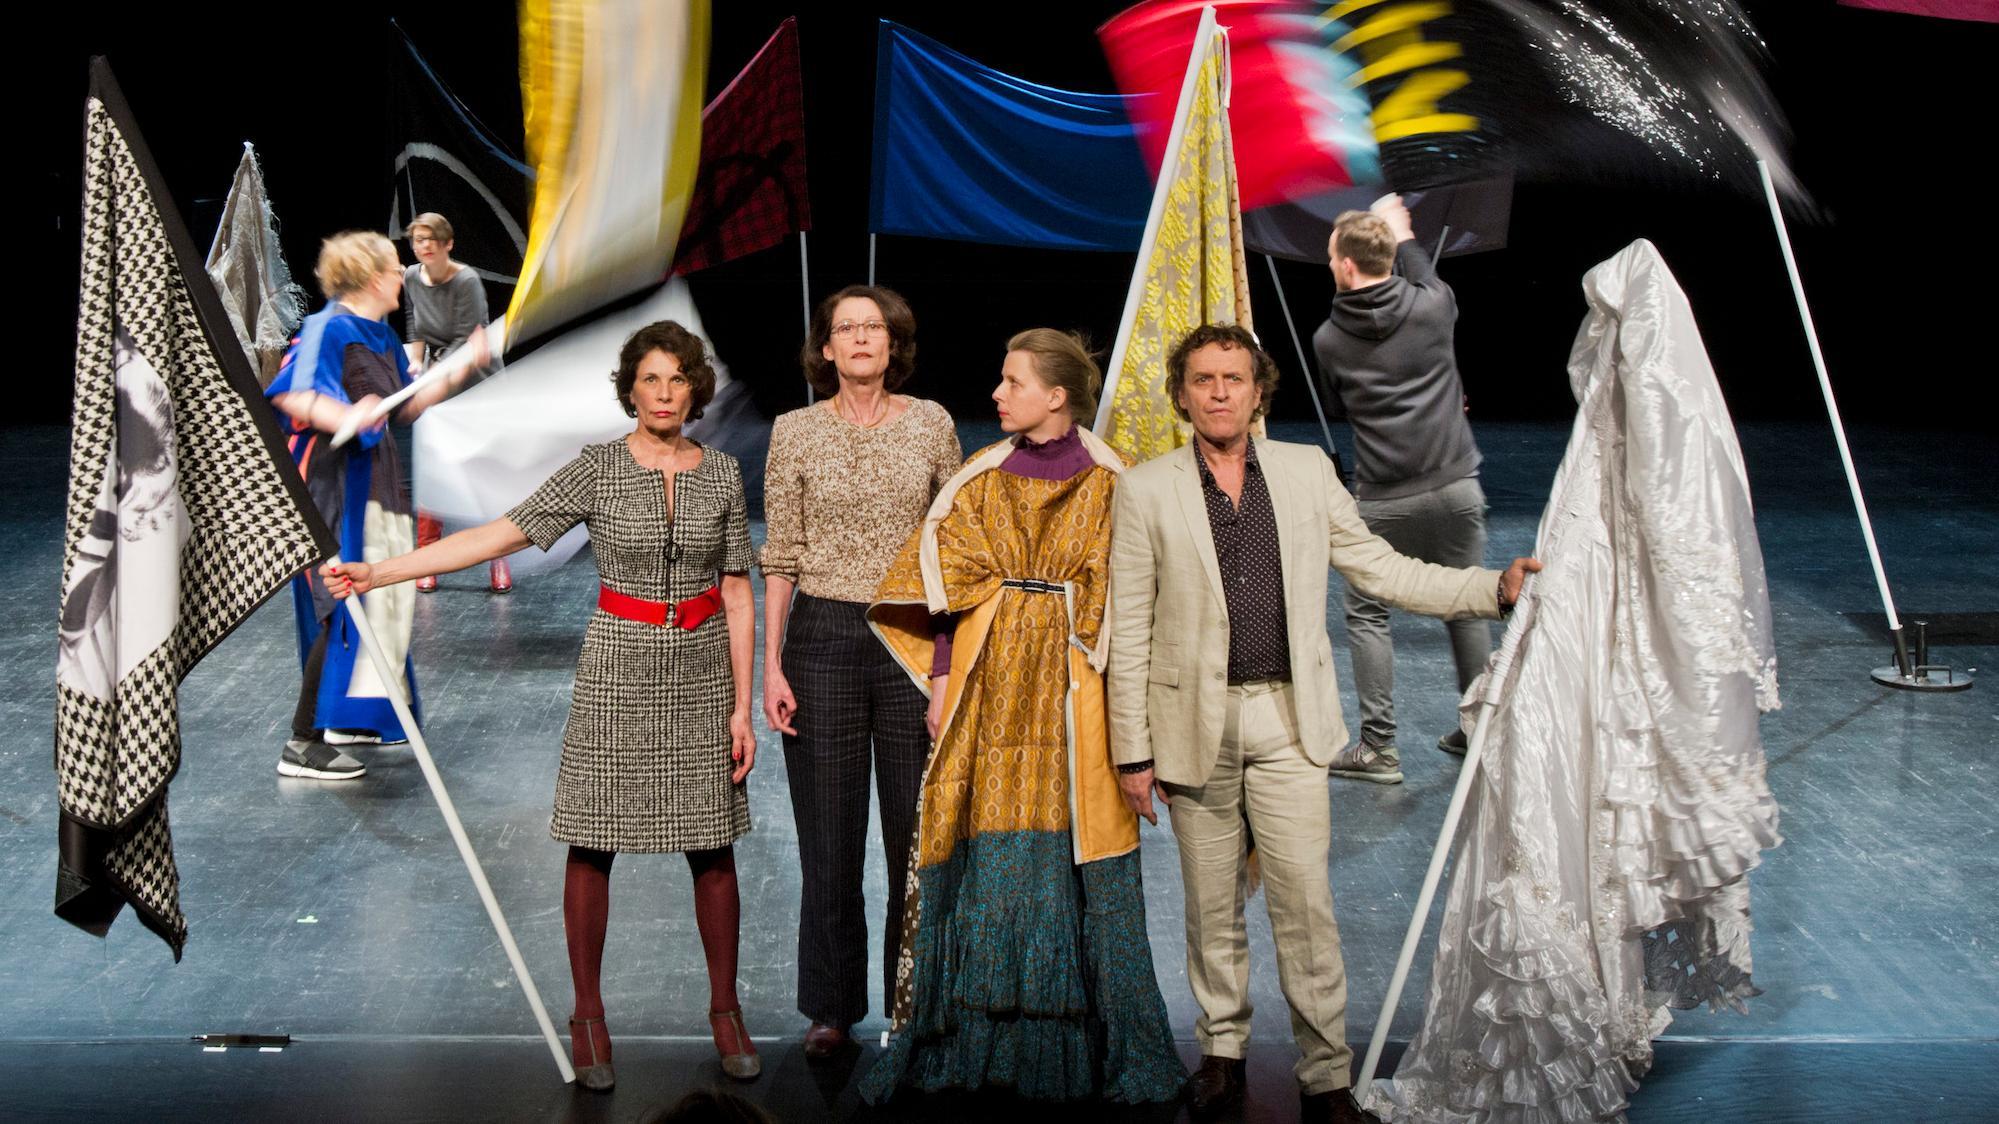 Szenenbild mit Darstellern und Fahnen